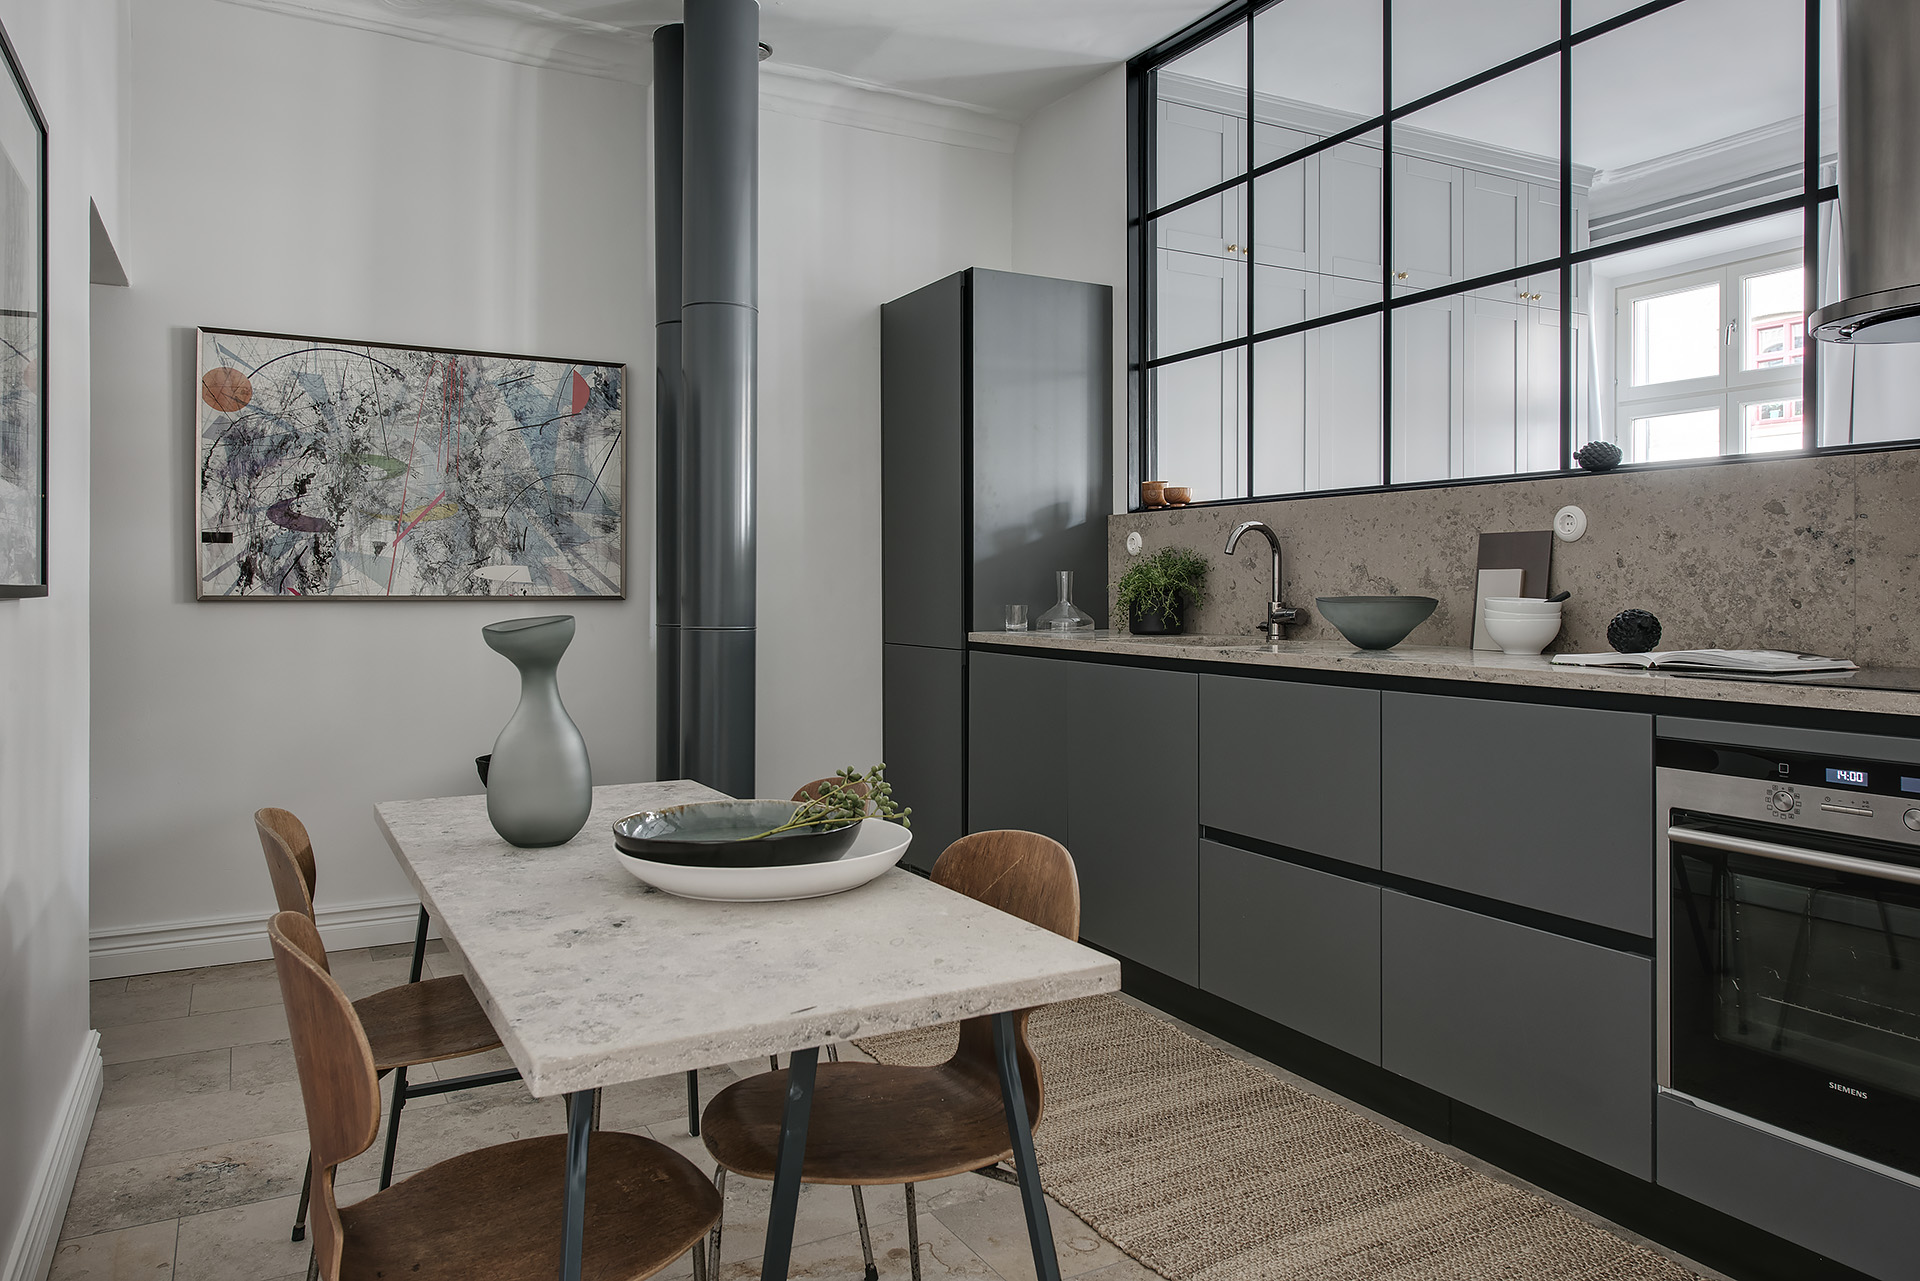 стеклянная перегородка кухня серые фасады бежевая столешница обеденный стол стулья